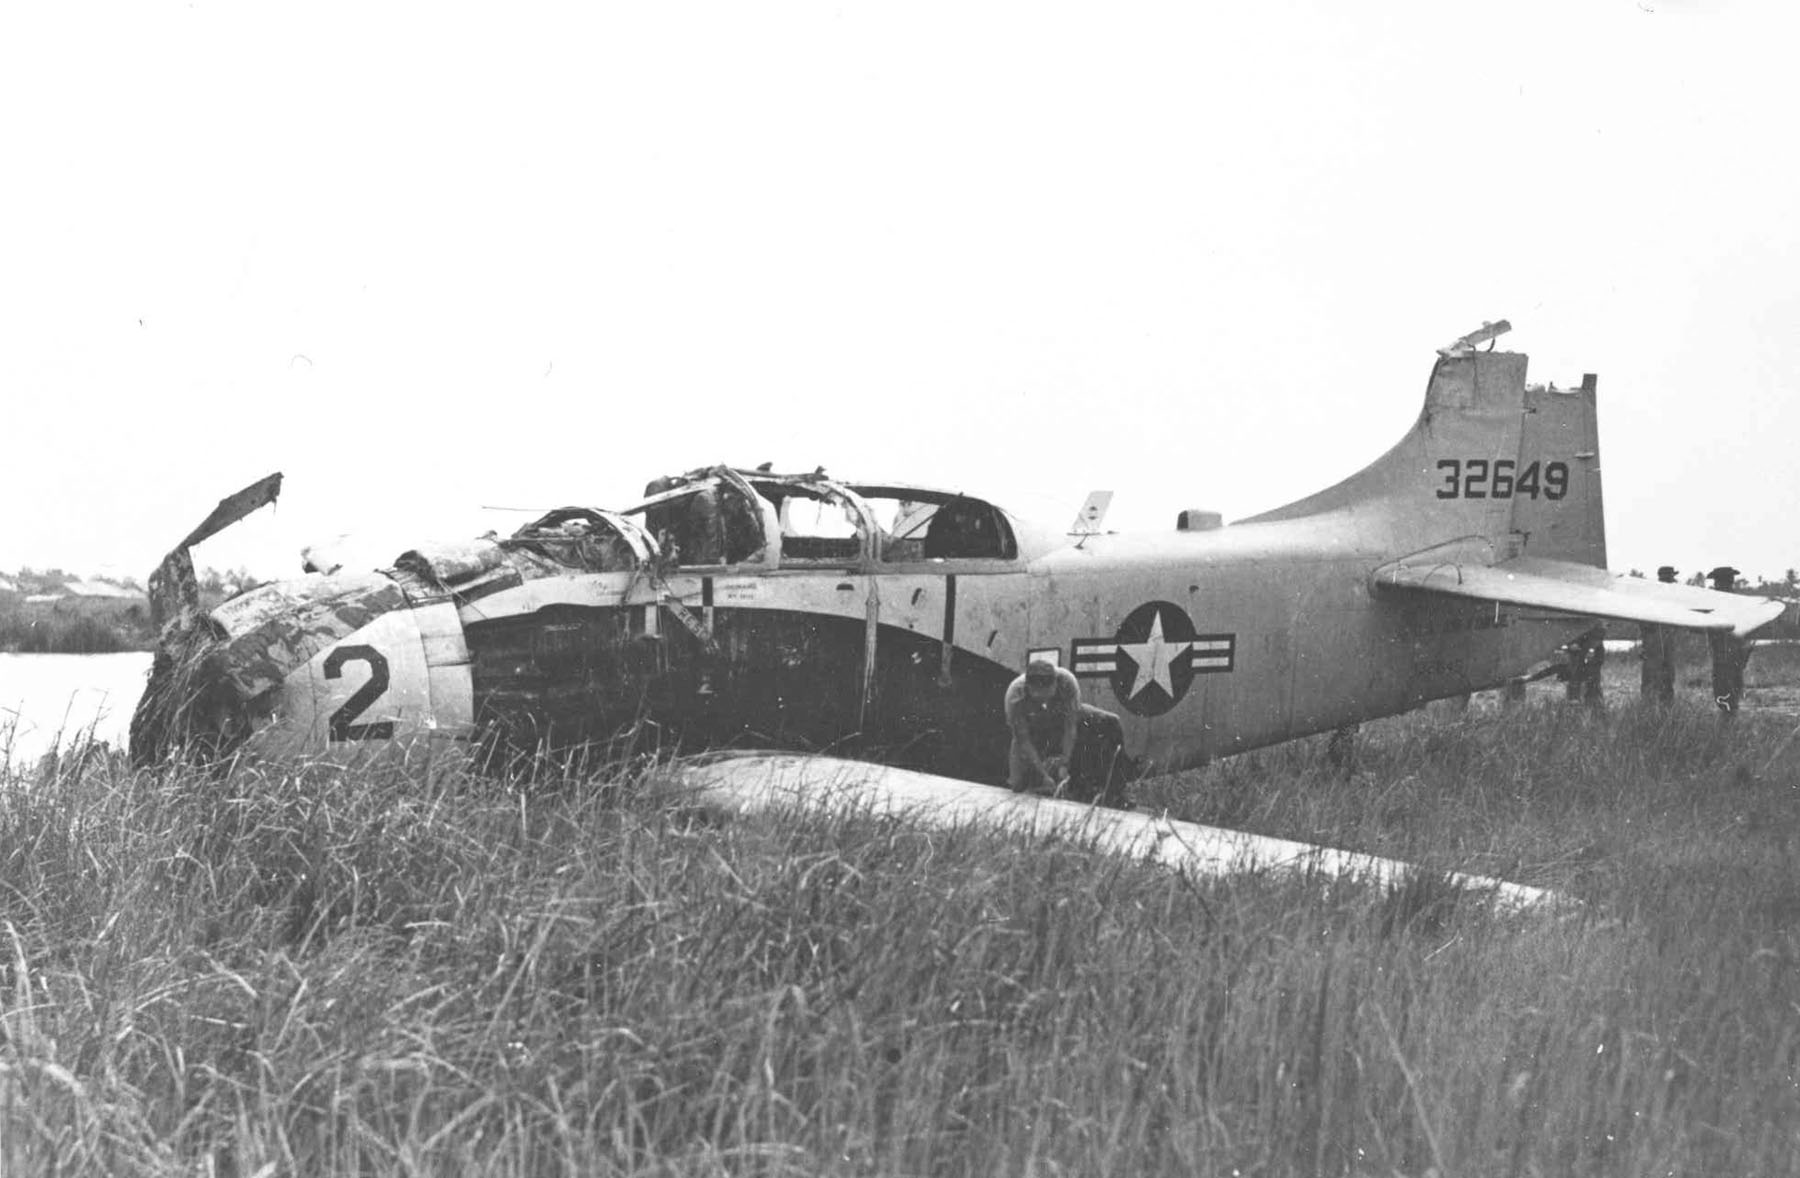 Douglas A 1e Skyraider Gt National Museum Of The Us Air